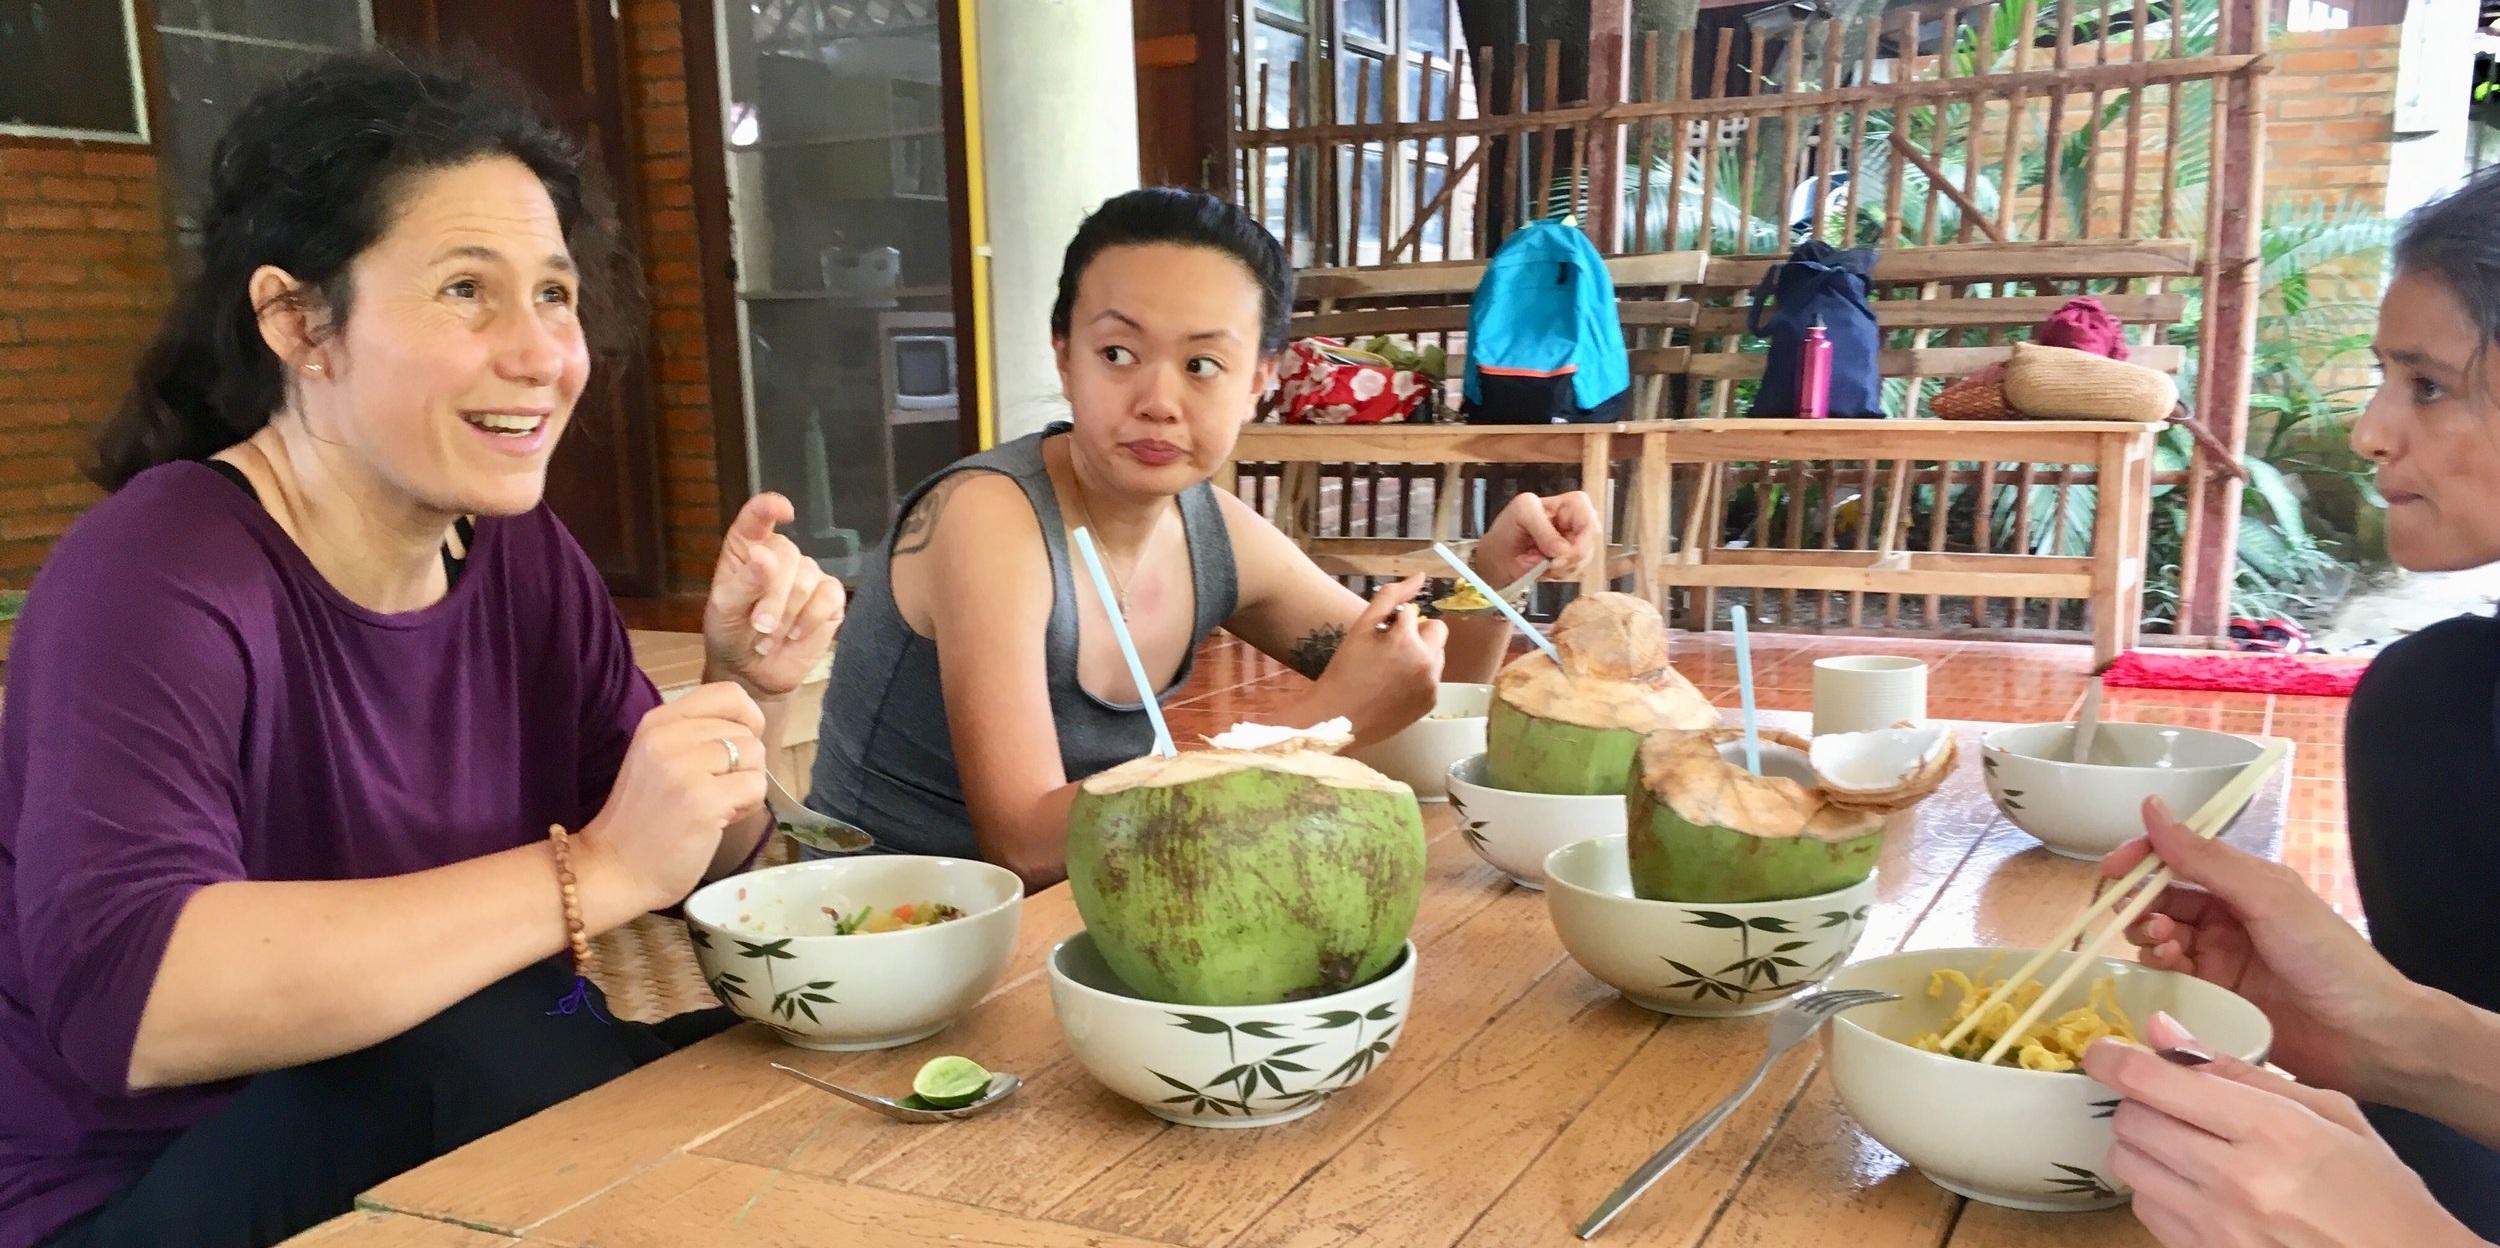 eatingcocnuts.jpg